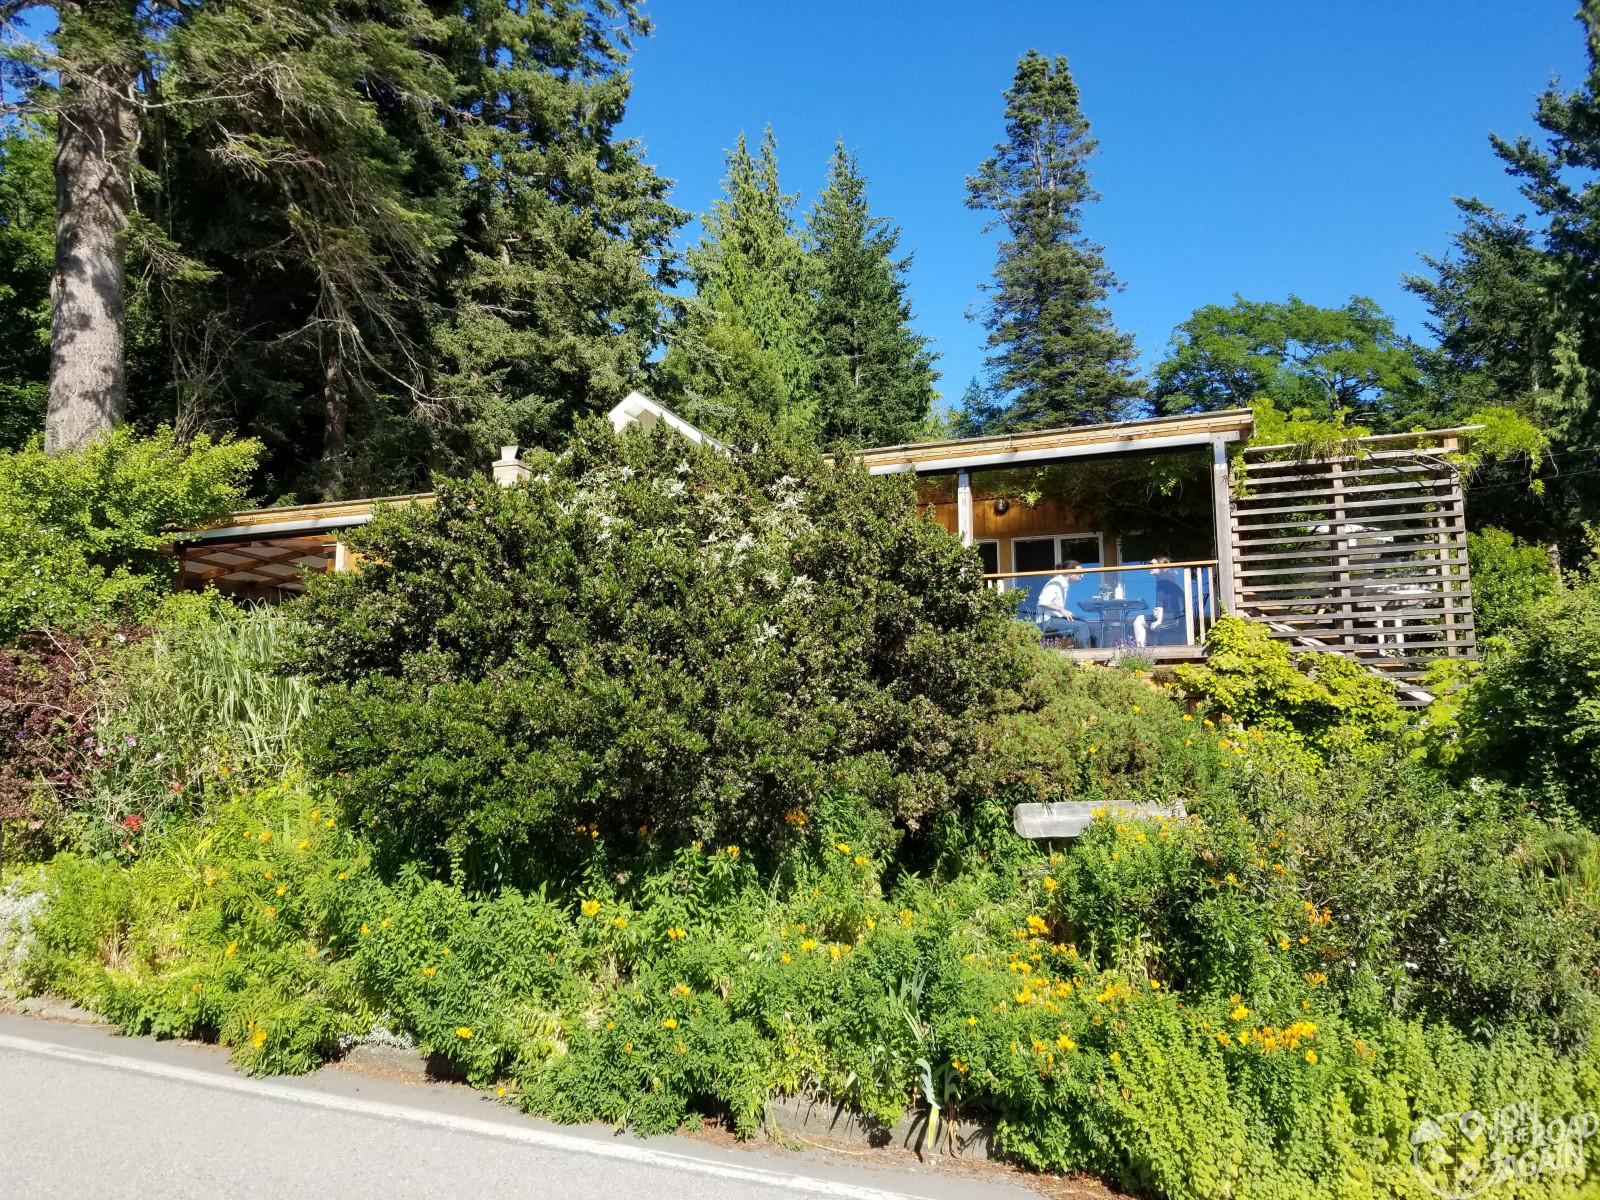 The Willows Inn on Lummi Island